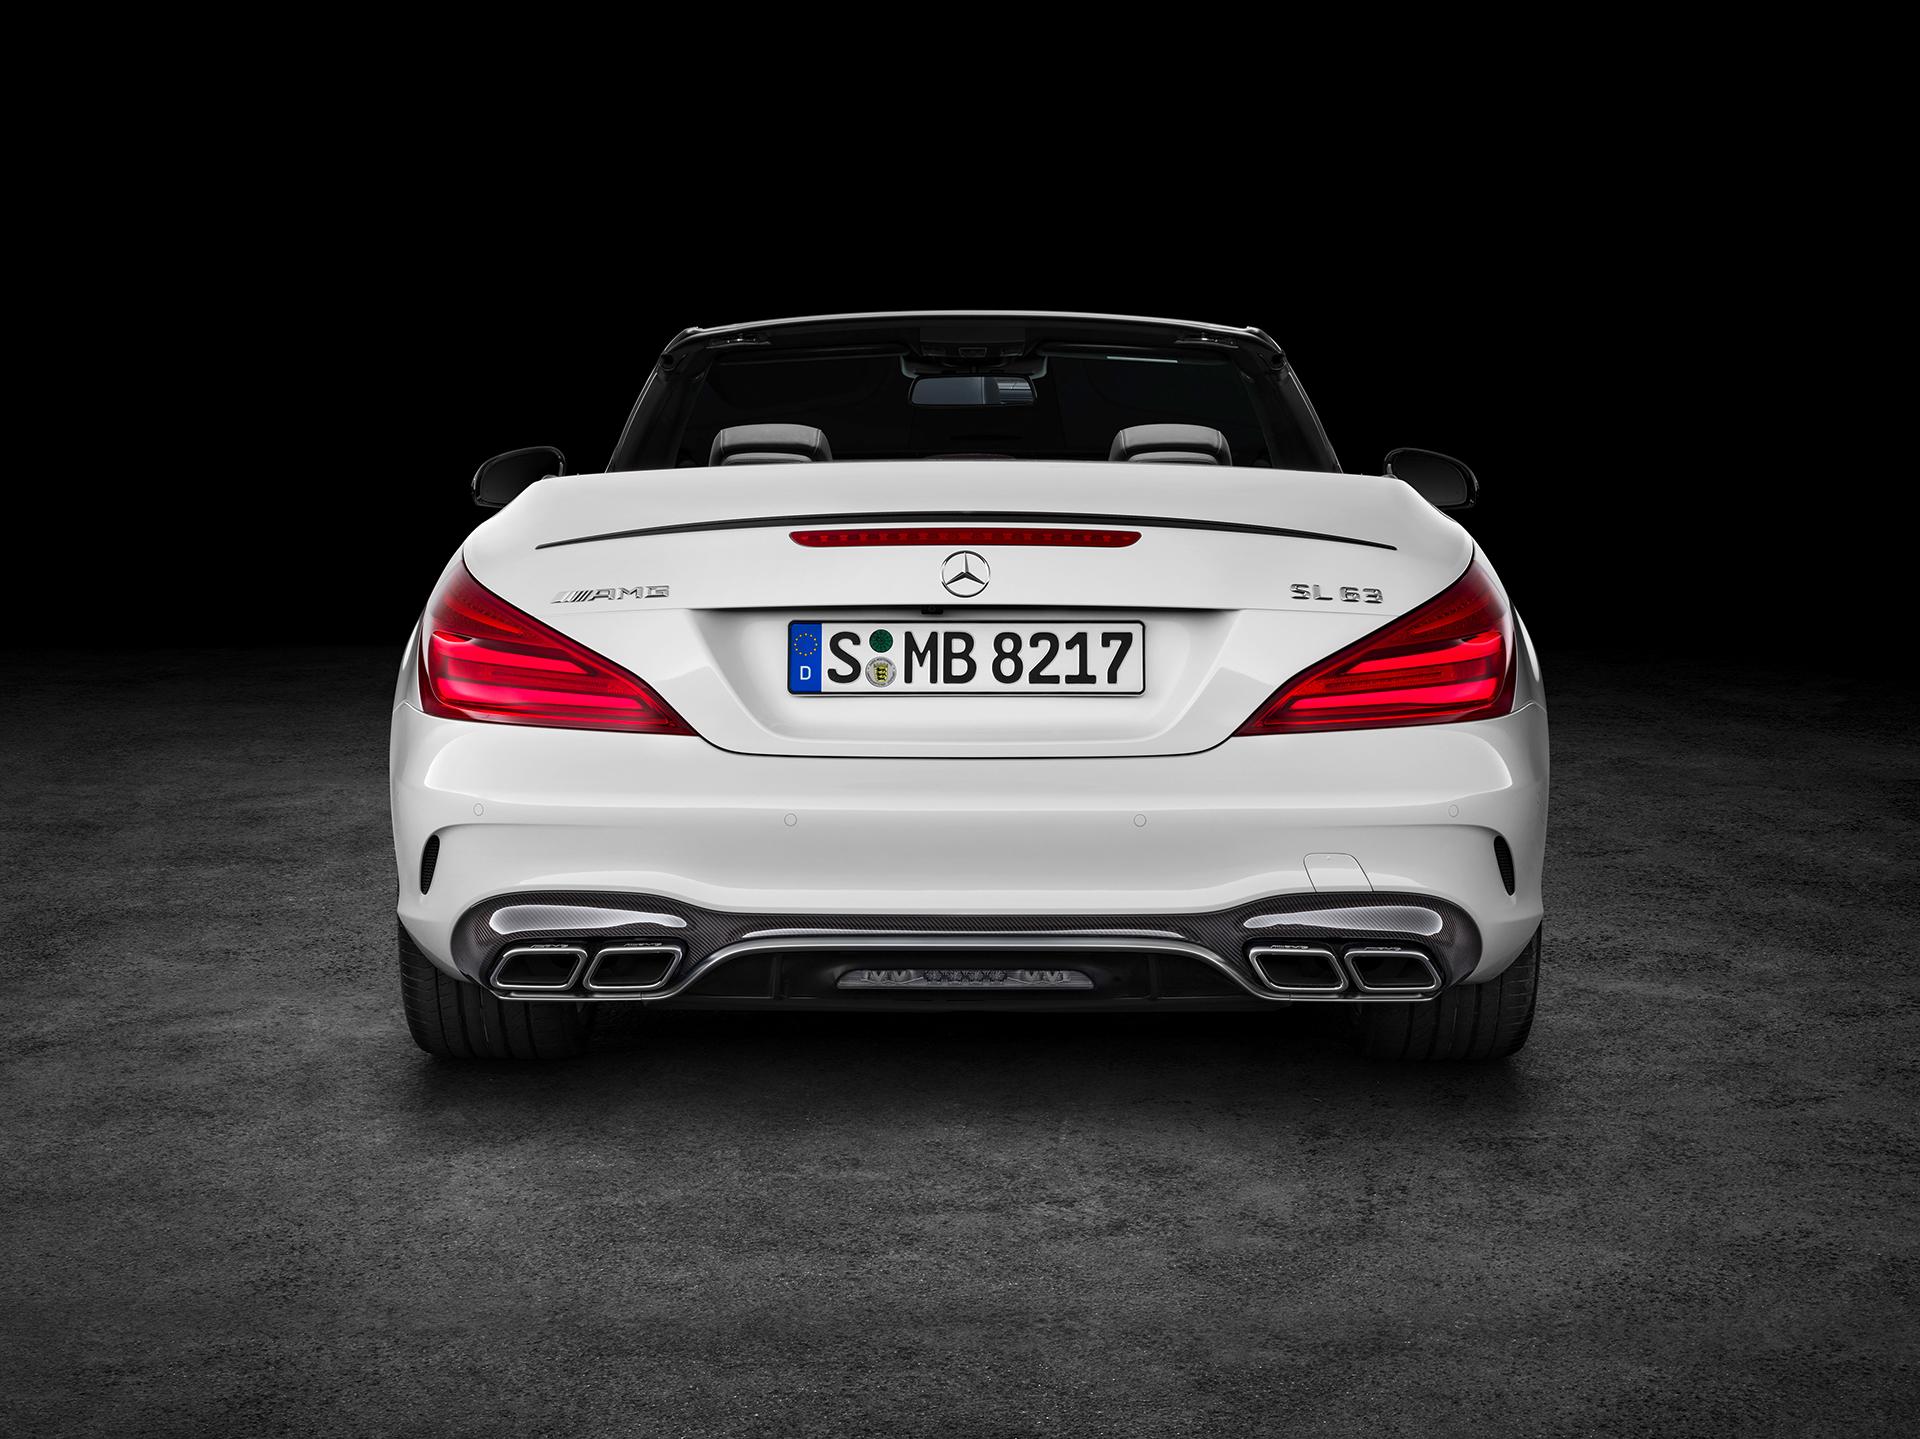 Mercedes-Benz SL AMG - 2016 - arrière / rear